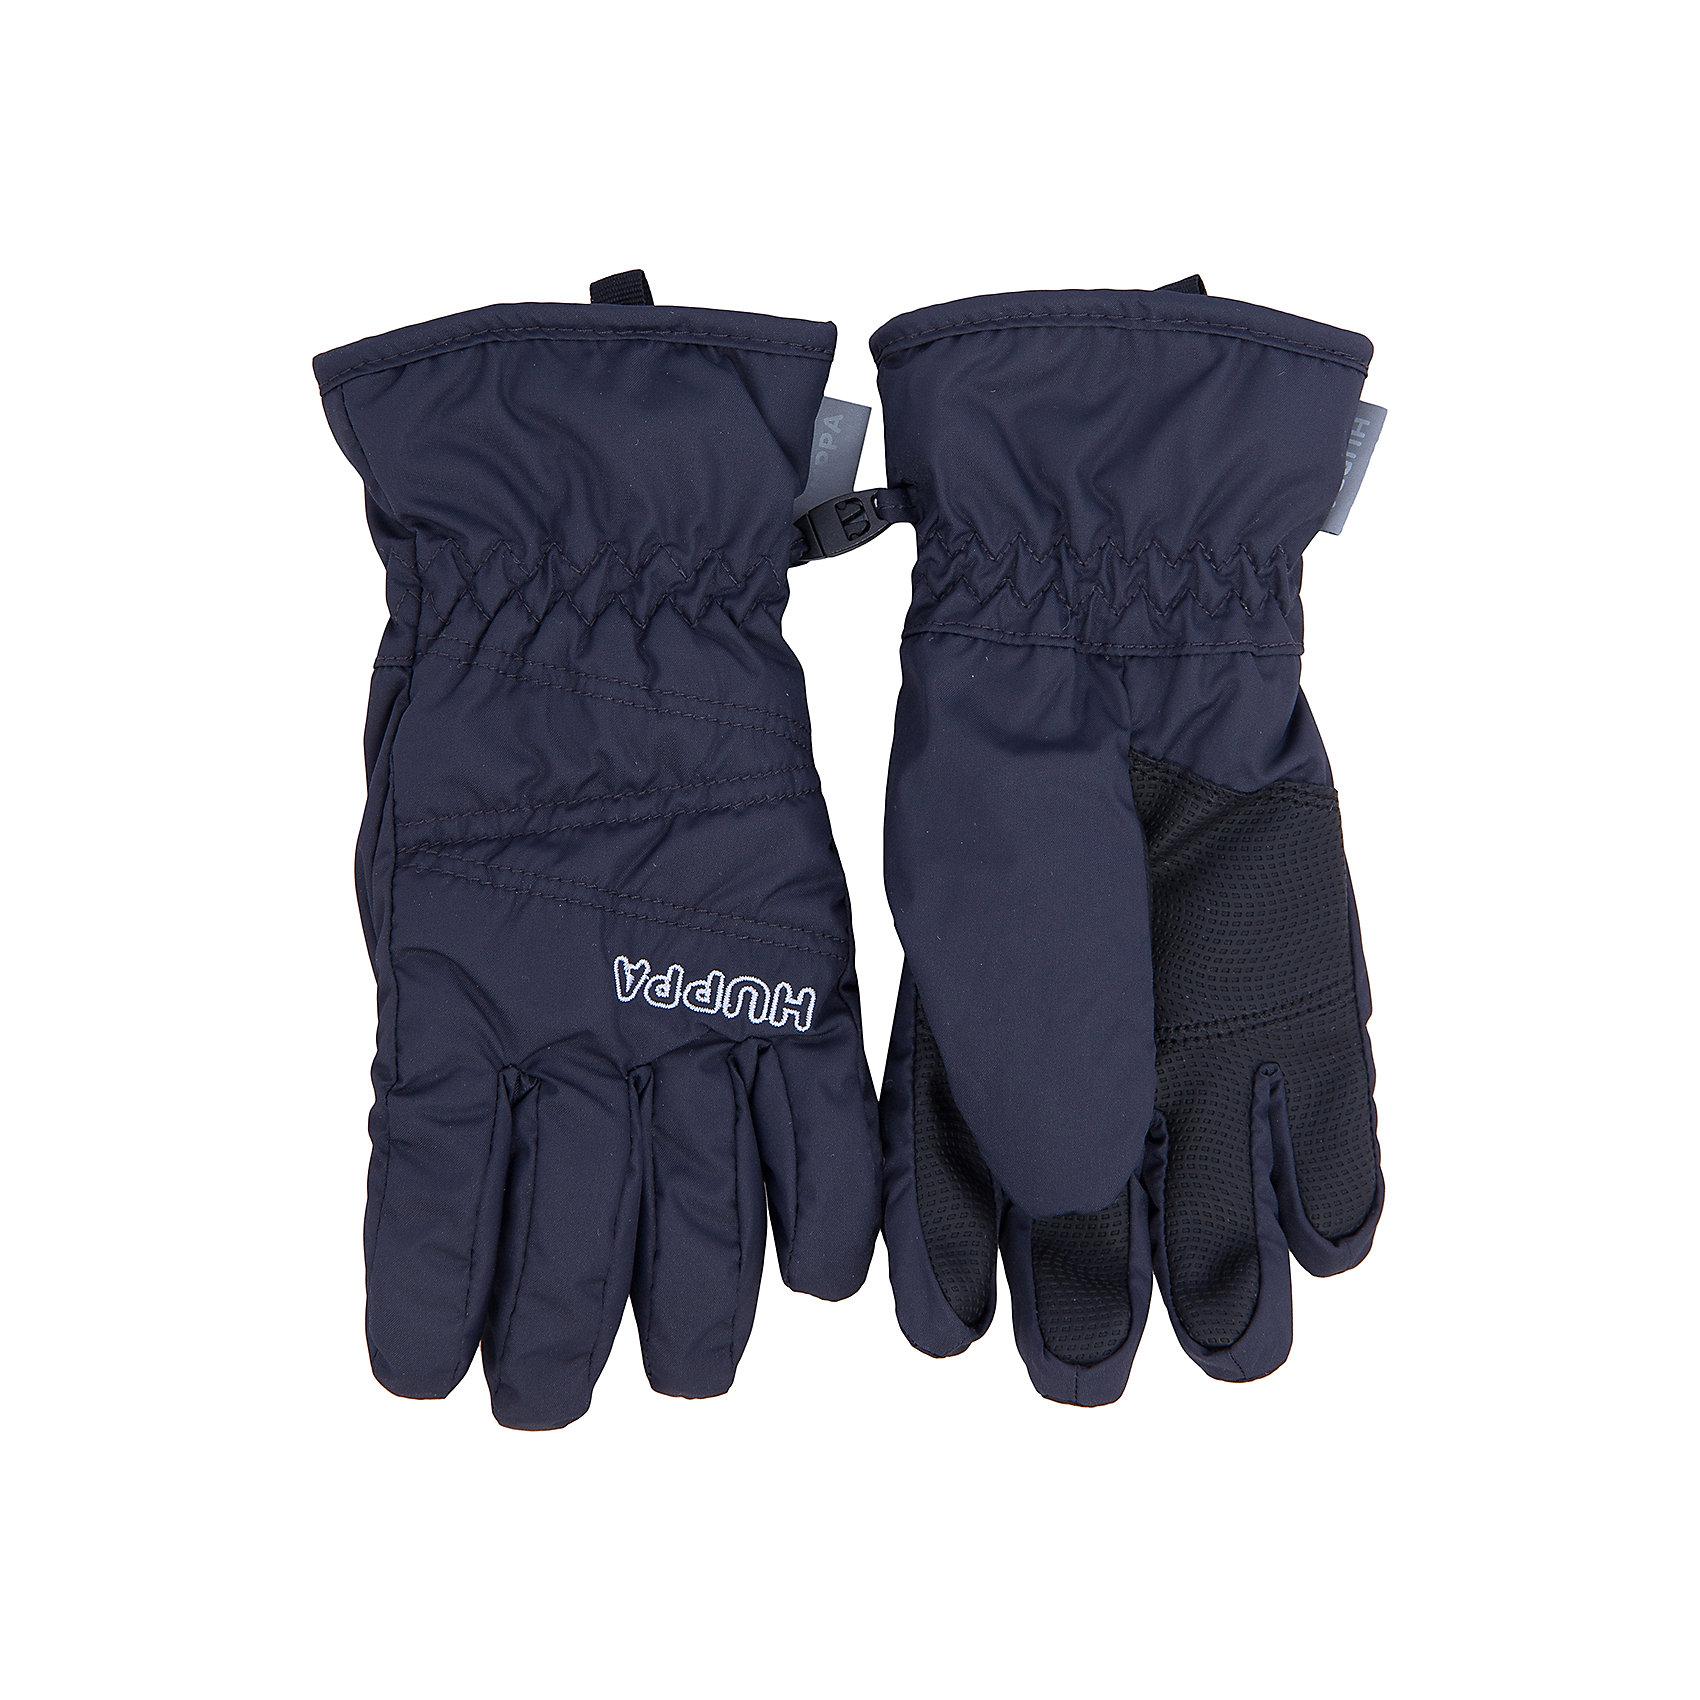 Перчатки    HuppaКлассические зимние перчатки KERAN Huppa(Хуппа).<br><br>Утеплитель: 100% полиэстер, 90 гр.<br><br>Температурный режим: до -20 градусов. Степень утепления – средняя. <br><br>* Температурный режим указан приблизительно — необходимо, прежде всего, ориентироваться на ощущения ребенка. Температурный режим работает в случае соблюдения правила многослойности – использования флисовой поддевы и термобелья.<br><br>С подкладкой из полиэстера имеют водоотталкивающую поверхность, обеспечивающую тепло и сухость рук. На запястьях есть резинка, позволяющая перчаткам надежно держаться на руках. Украшены вышивкой HUPPA. Такие перчатки отлично подойдут для зимних прогулок.<br><br>Дополнительная информация:<br>Цвет: темно-серый<br>Материал: 100% полиэстер<br>Подкладка: pritex, 100% полиэстер<br><br>Перчатки KERAN Huppa(Хуппа) можно купить в нашем интернет-магазине.<br><br>Ширина мм: 162<br>Глубина мм: 171<br>Высота мм: 55<br>Вес г: 119<br>Цвет: серый<br>Возраст от месяцев: 24<br>Возраст до месяцев: 36<br>Пол: Унисекс<br>Возраст: Детский<br>Размер: 3,4,5,6,7,8<br>SKU: 4923747